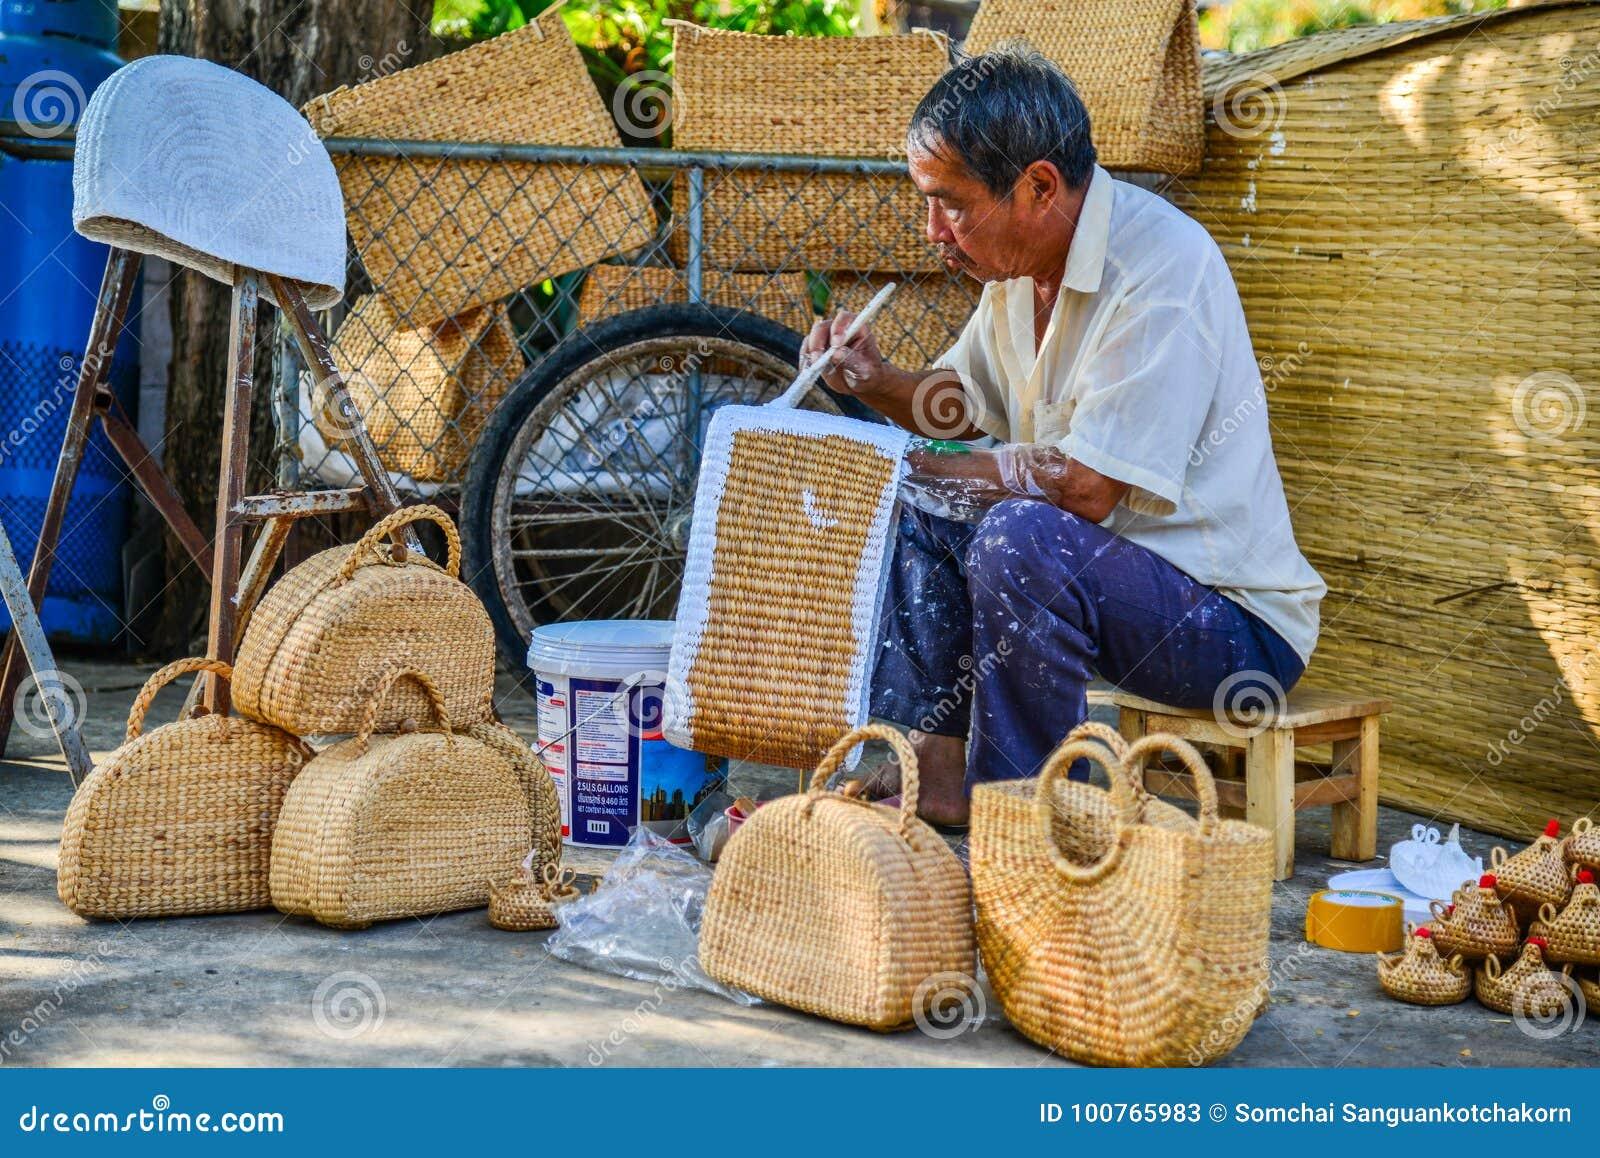 Mannmalerei-Flechtweidenhandtasche